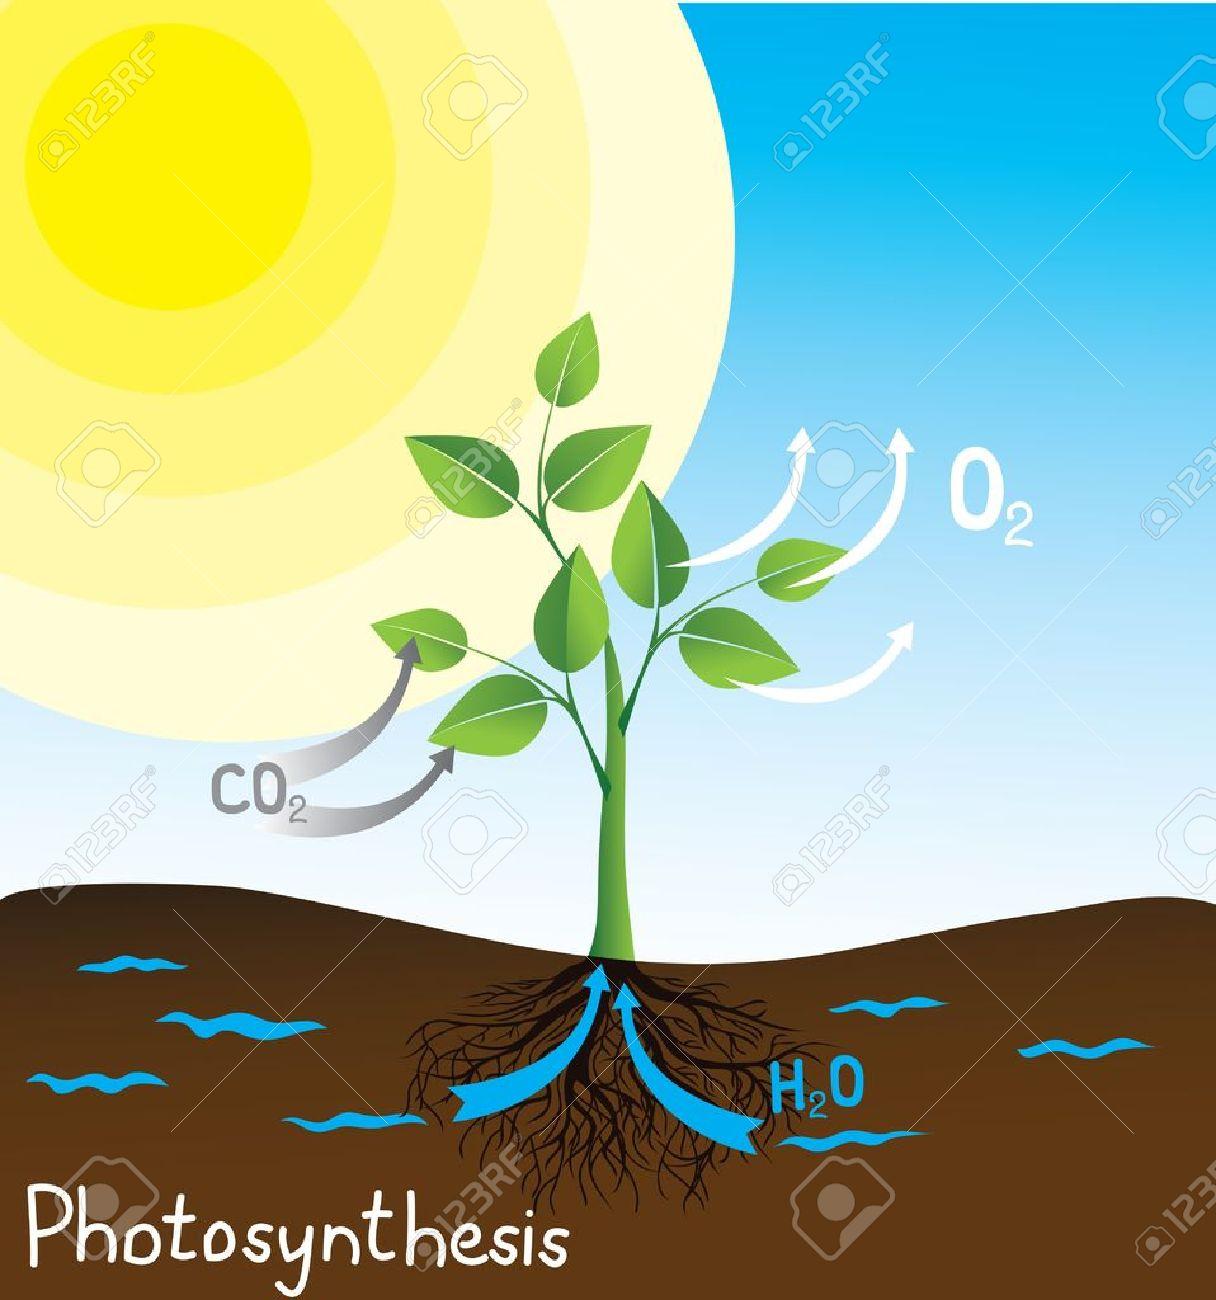 Photosynthese Vektor-Bild, Einfaches Schema Für Studenten Lizenzfrei ...